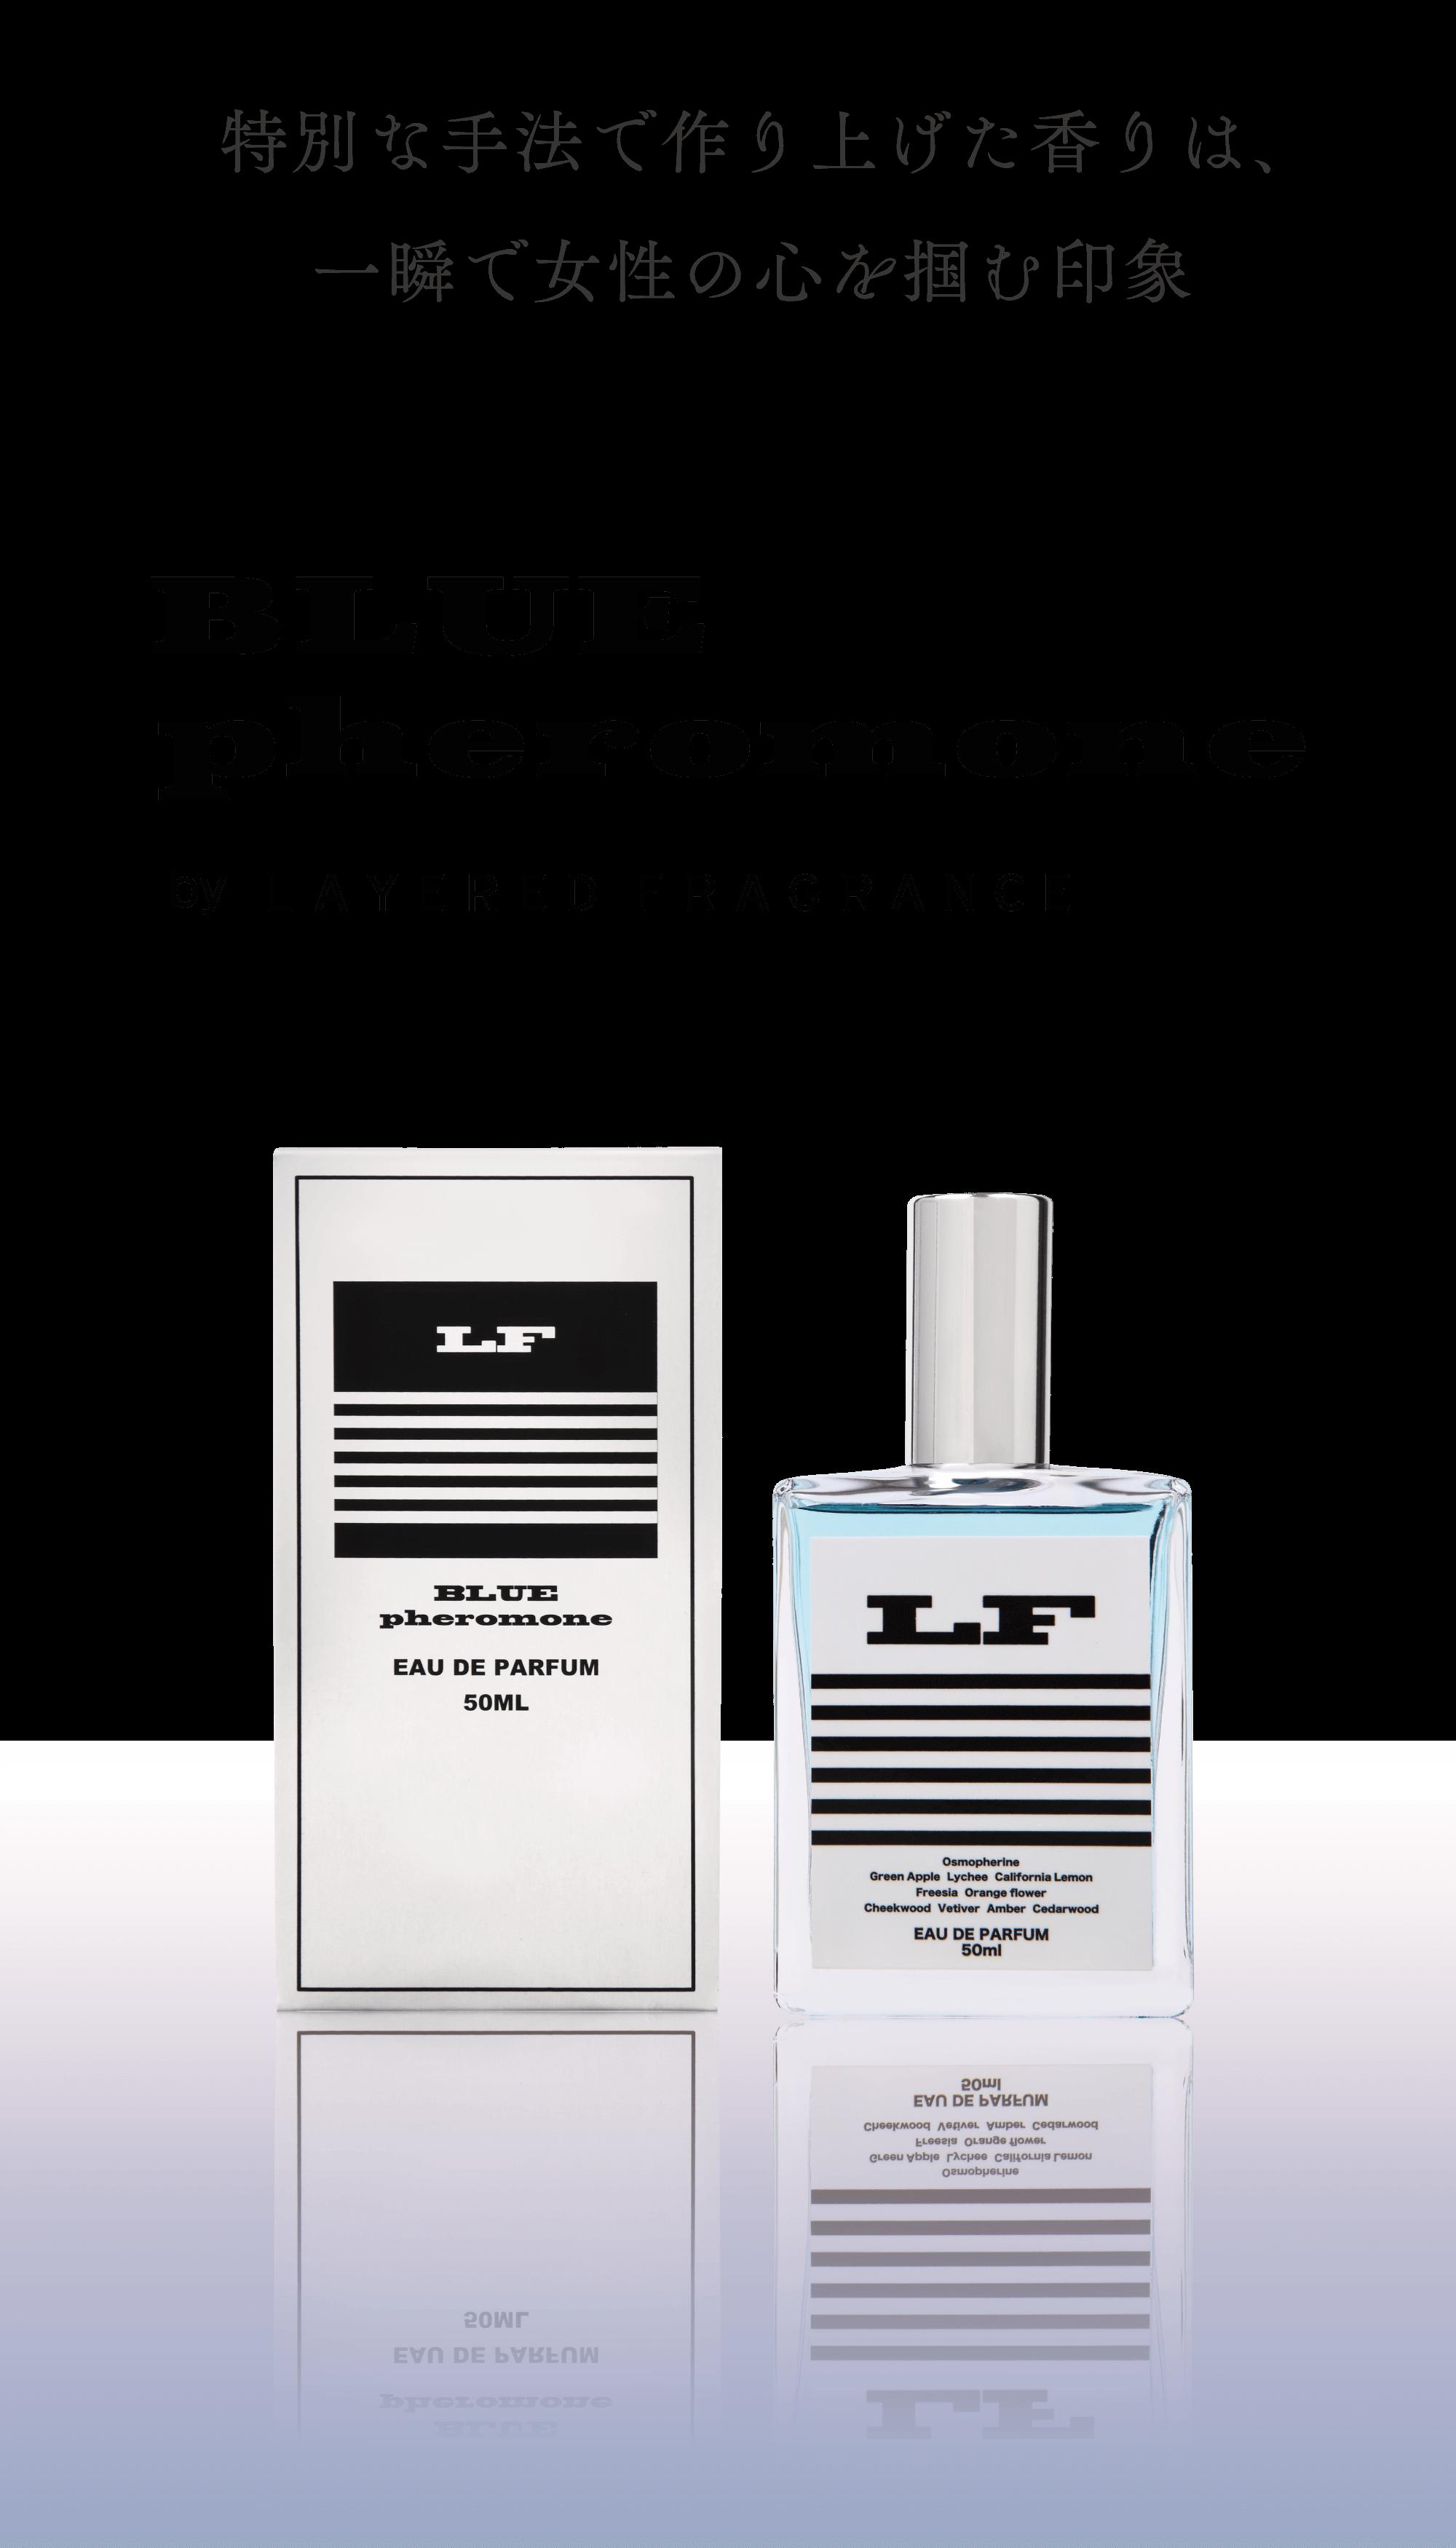 特別な手法で作り上げた香りは、一瞬で女性の心を掴む印象